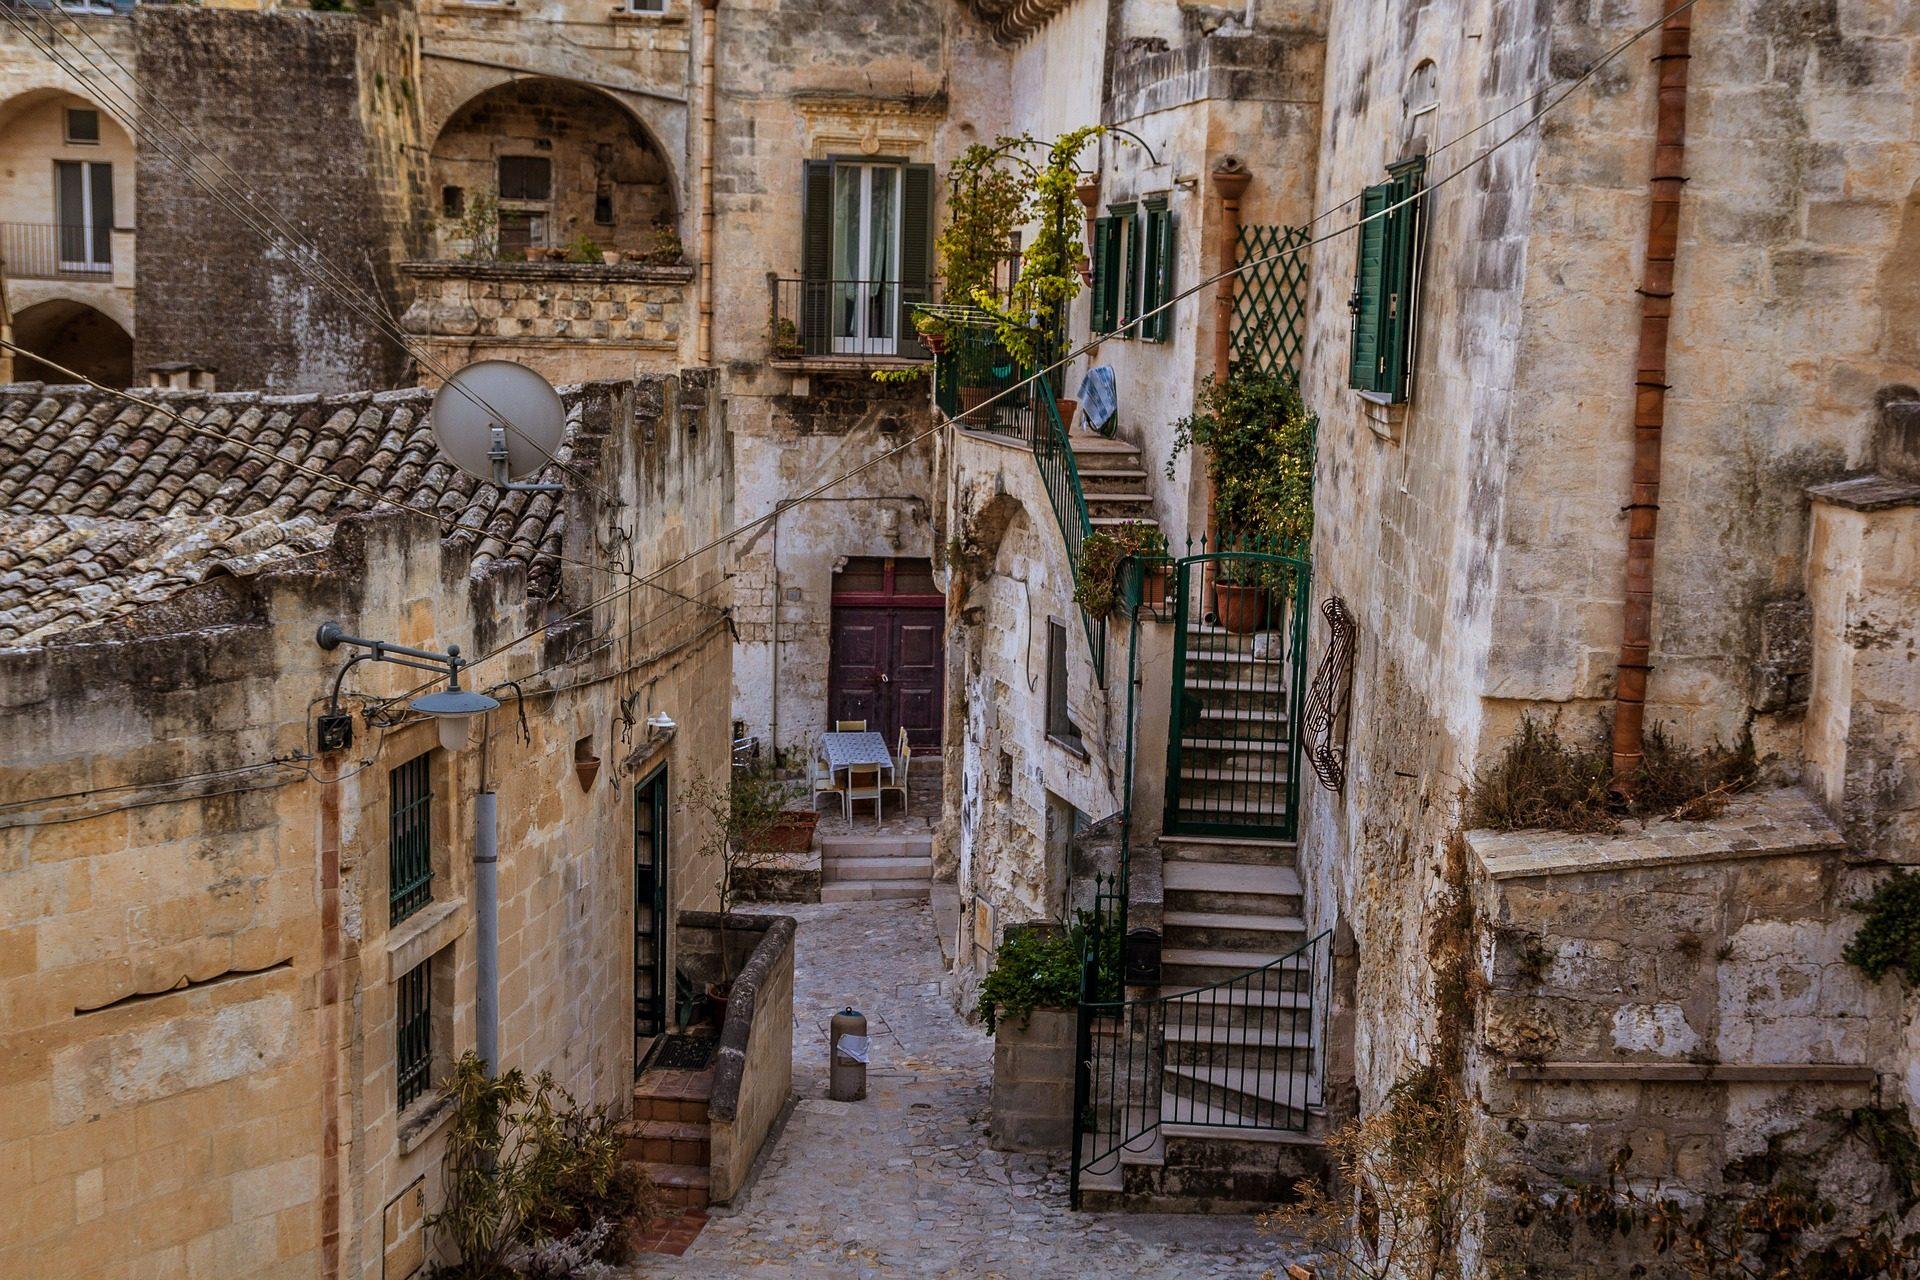 村庄, 街道, 房屋, 古代, sassi, 马泰拉, 意大利 - 高清壁纸 - 教授-falken.com